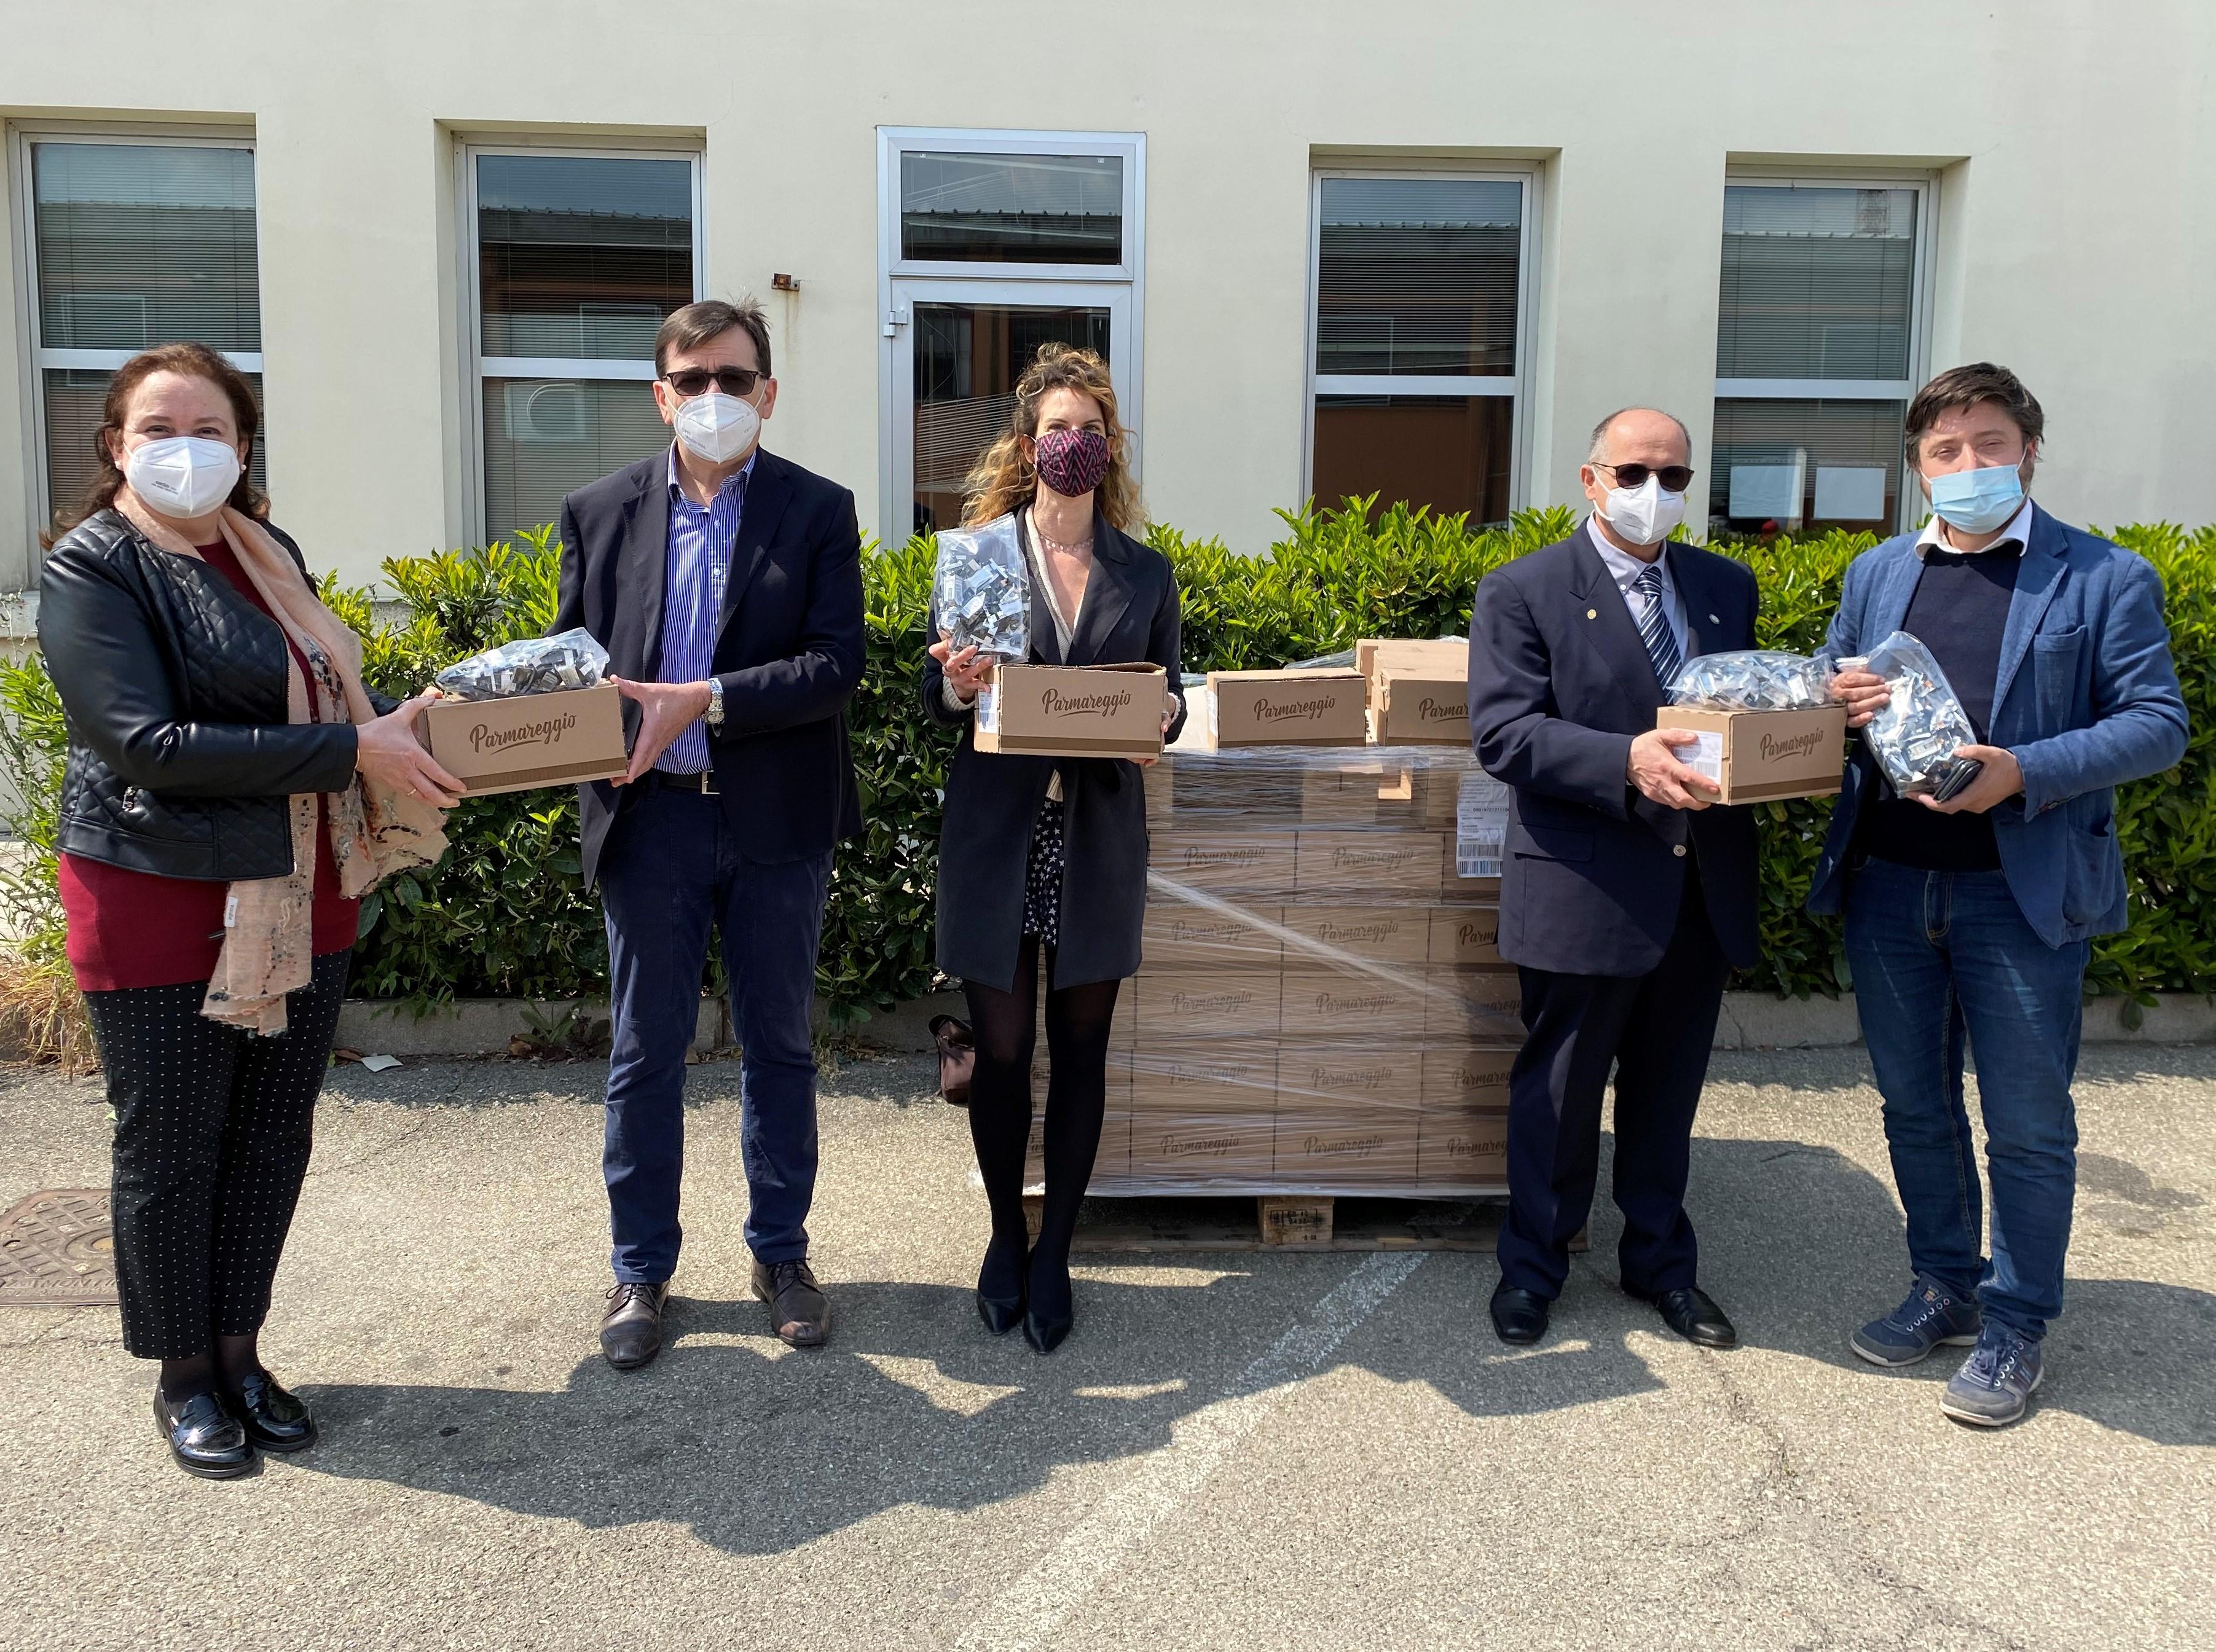 Covid19: nuova donazione dal Consorzio del Formaggio Parmigiano Reggiano, in collaborazione con Legacoop Agroalimentare